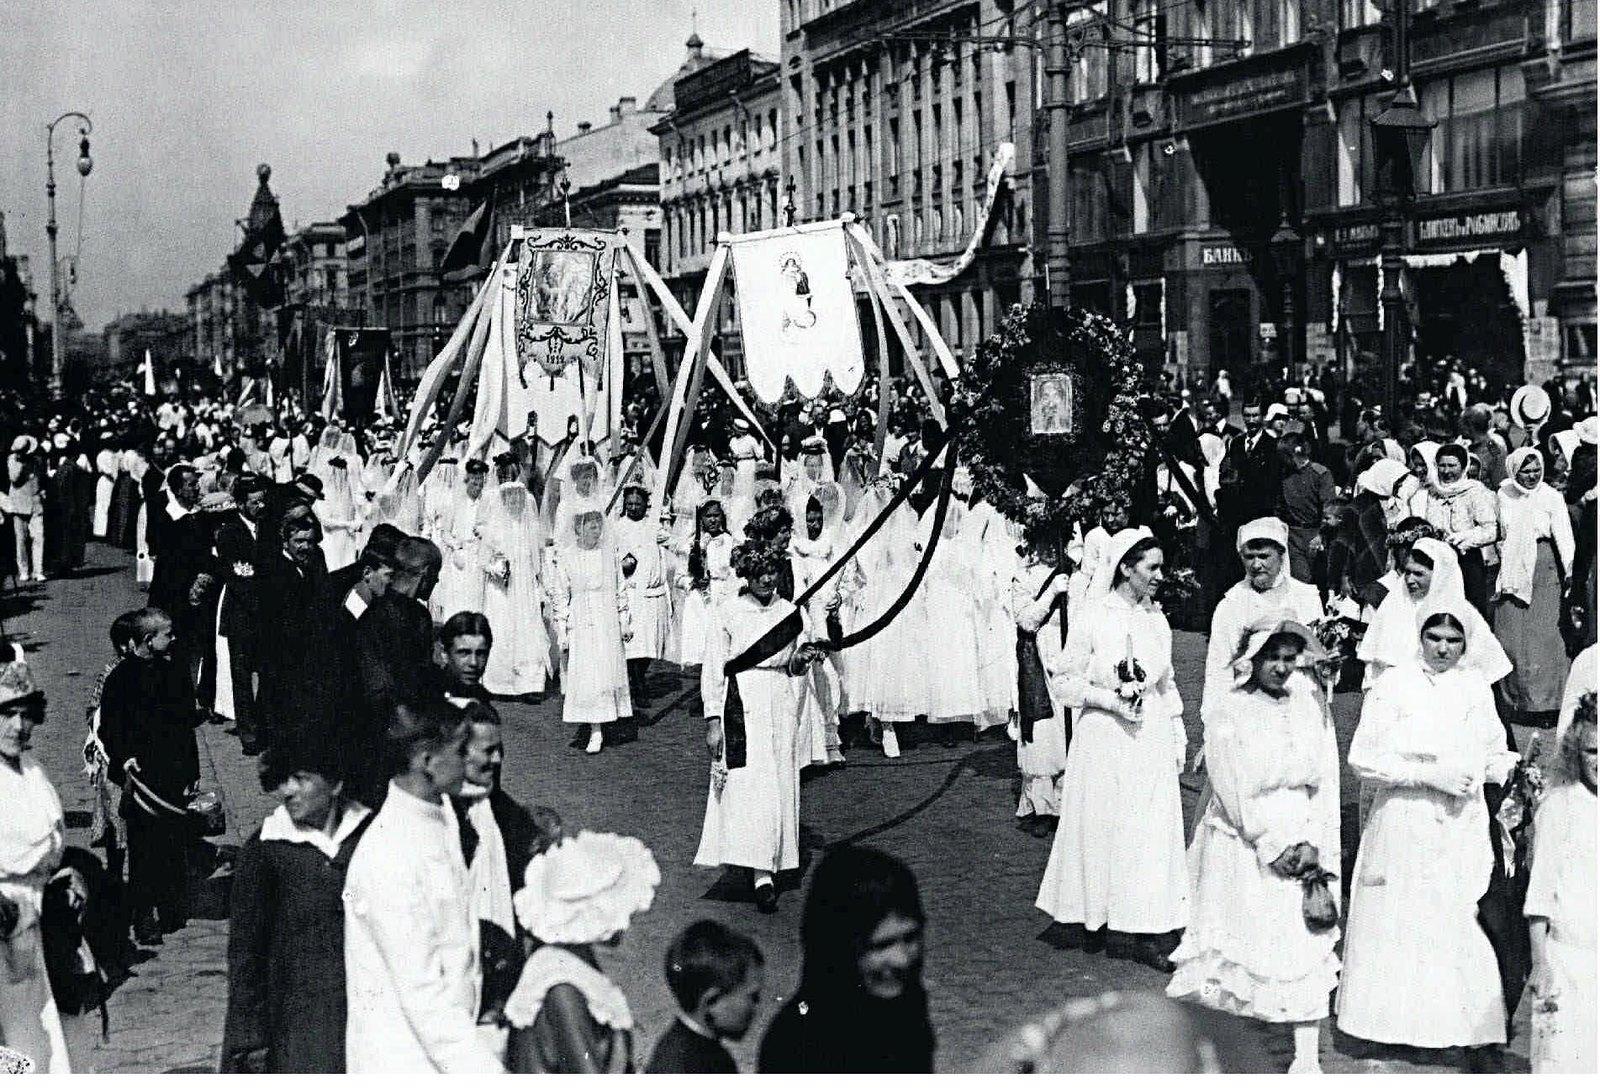 1917. Католическая процессия на Невском проспекте. 4 июня